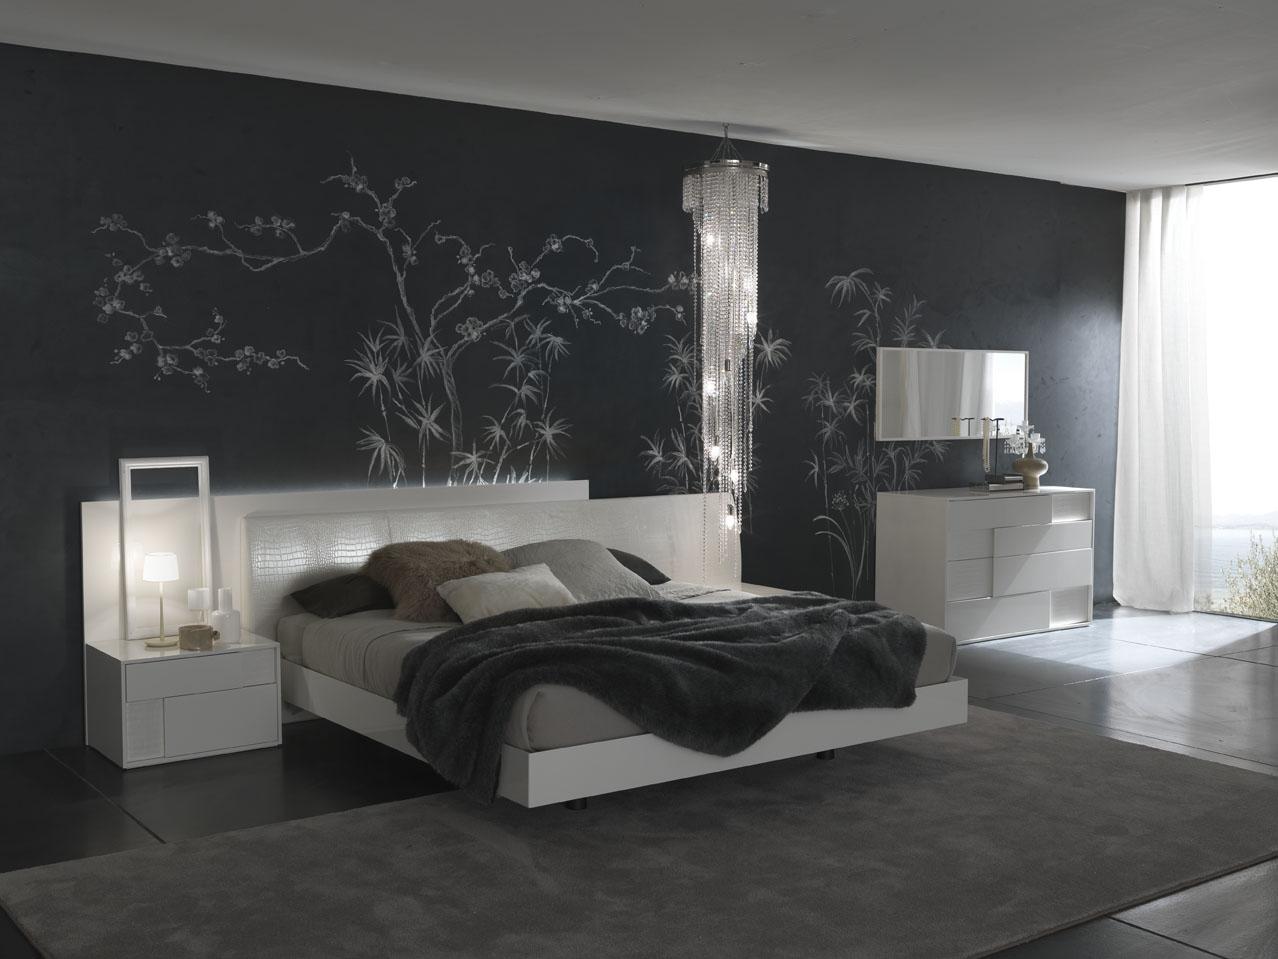 Gambar Desain Interior Minimalis: Desain Kamar Tidur ...